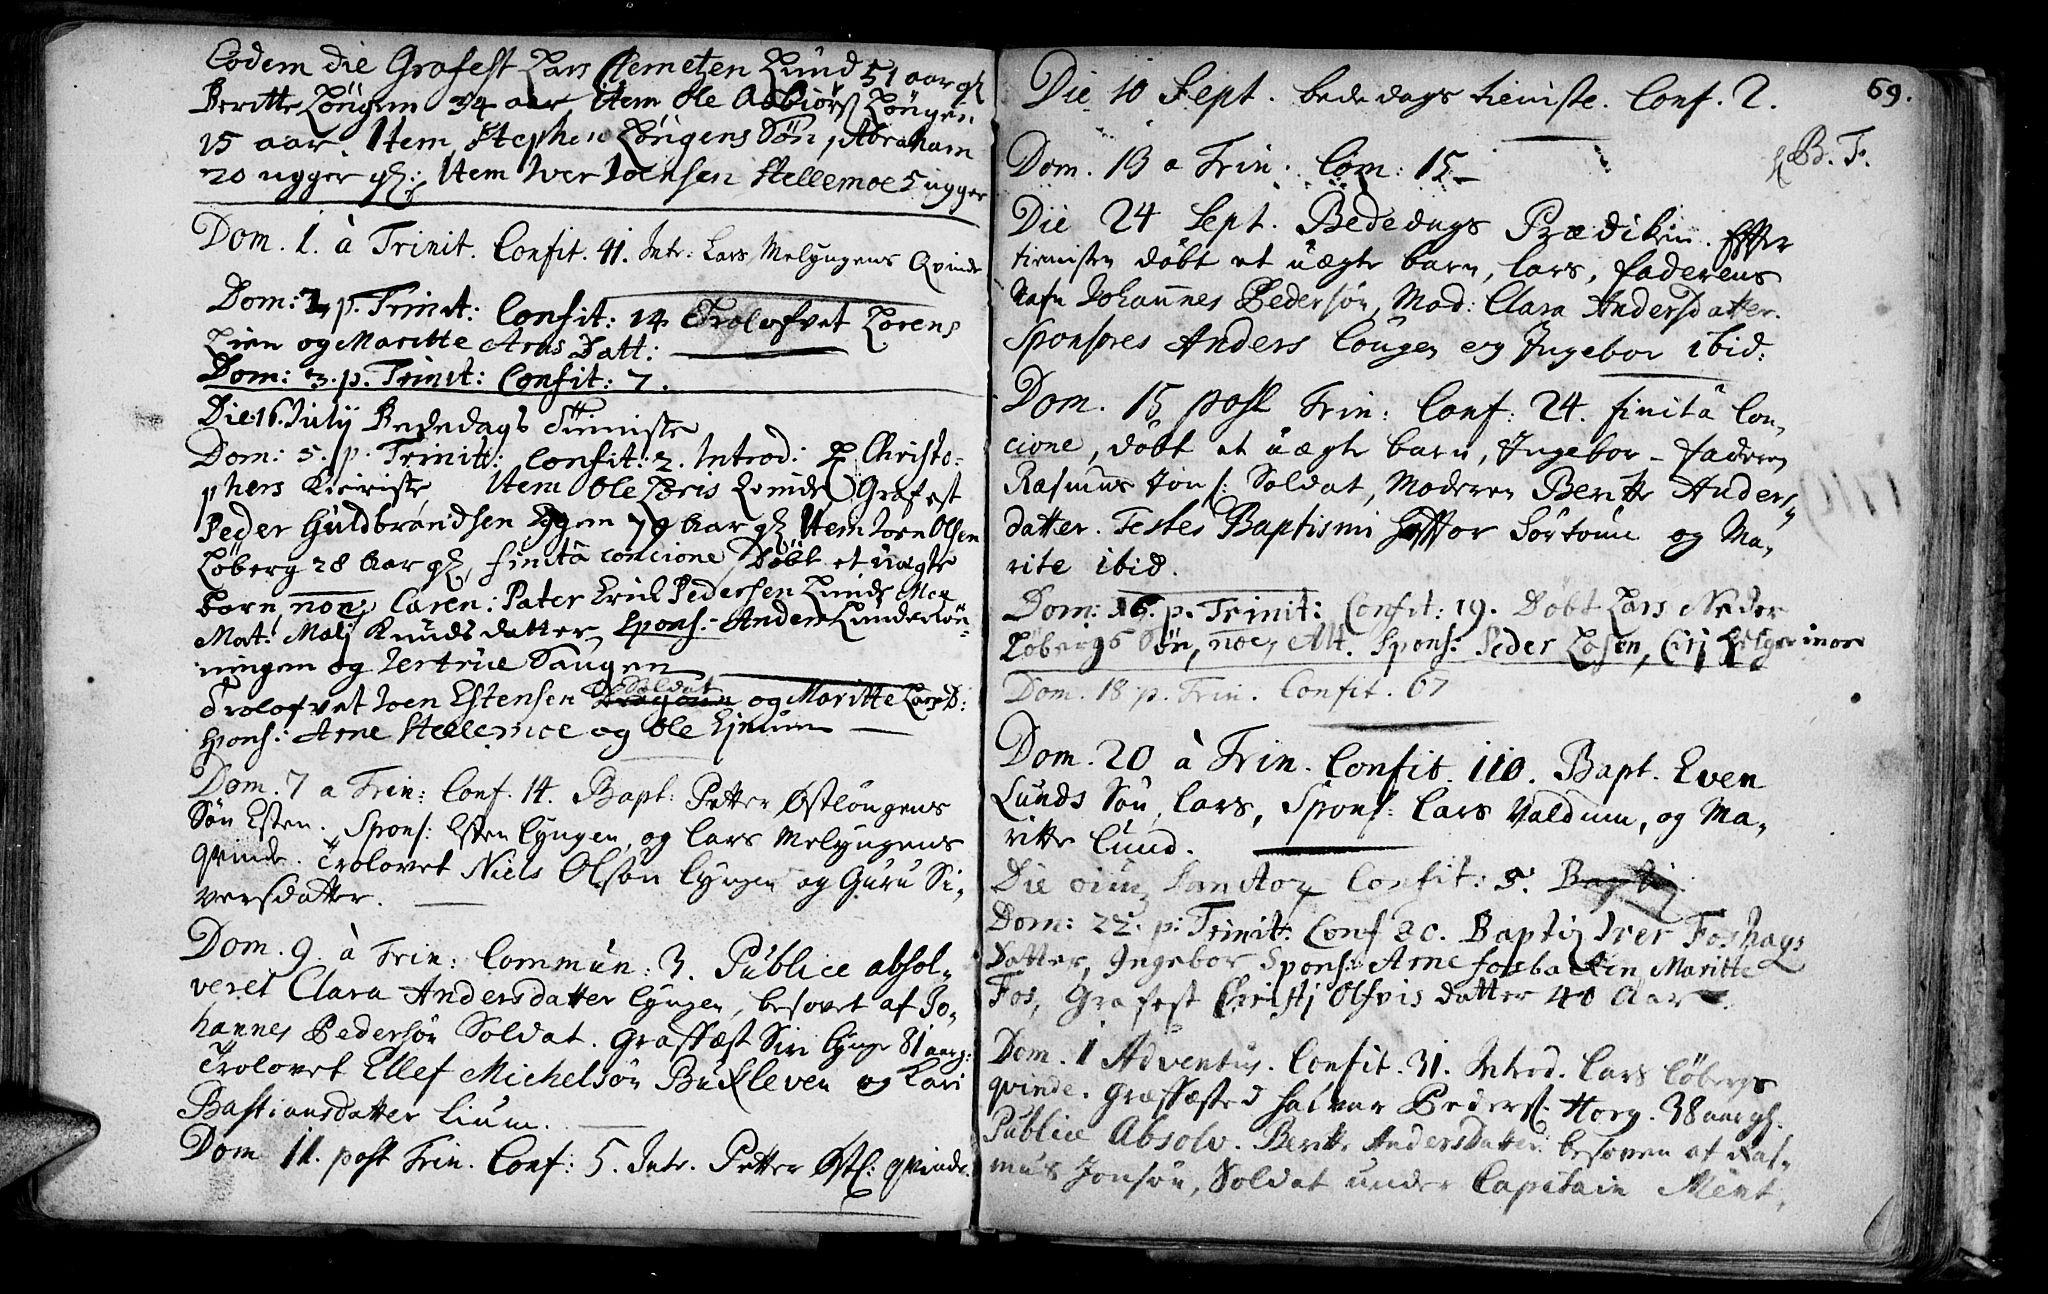 SAT, Ministerialprotokoller, klokkerbøker og fødselsregistre - Sør-Trøndelag, 692/L1101: Ministerialbok nr. 692A01, 1690-1746, s. 69